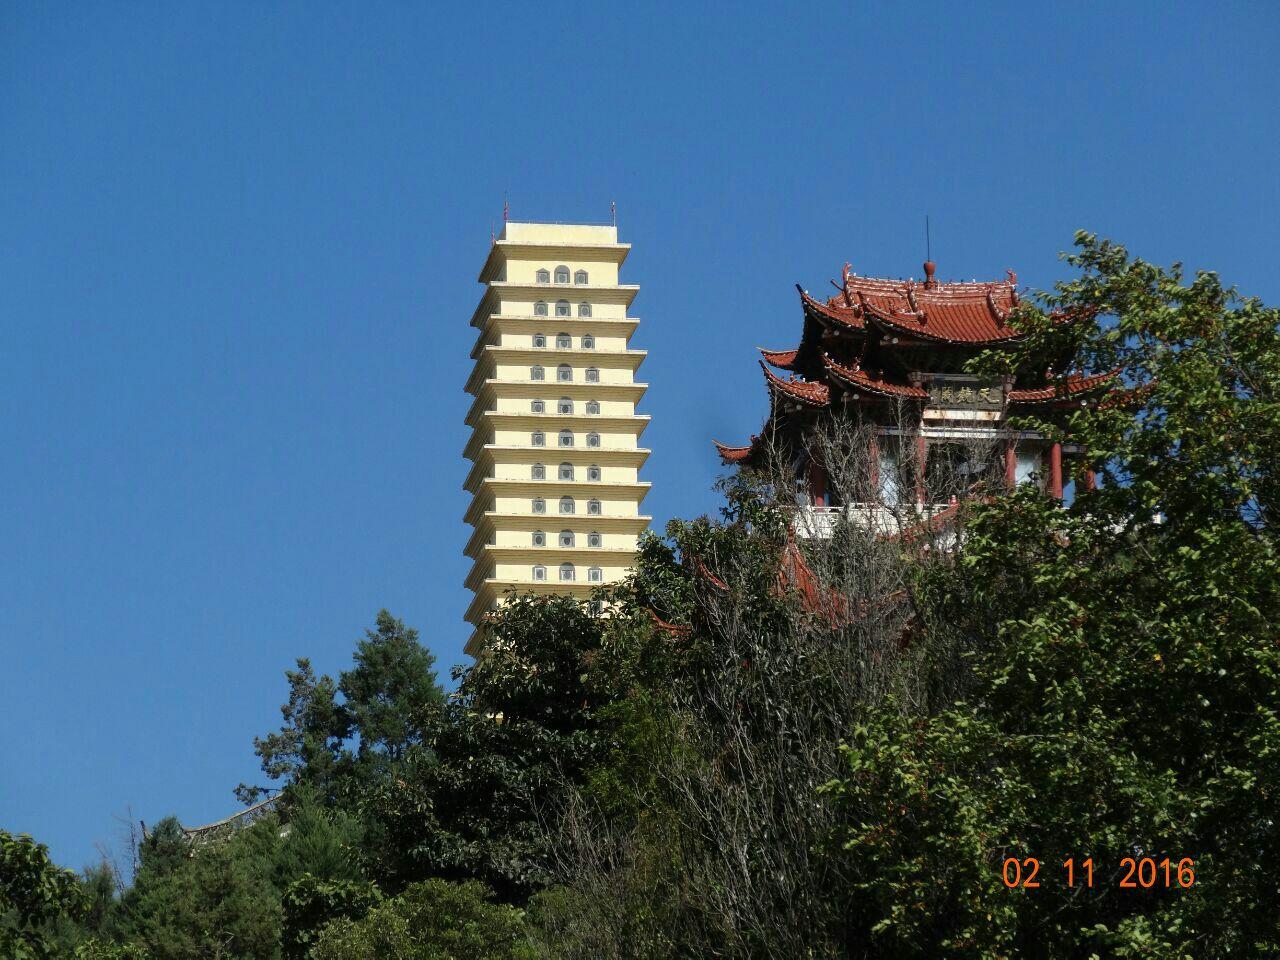 罗荃半岛是远观银苍玉洱,崇圣三塔,大理古城的绝佳点.